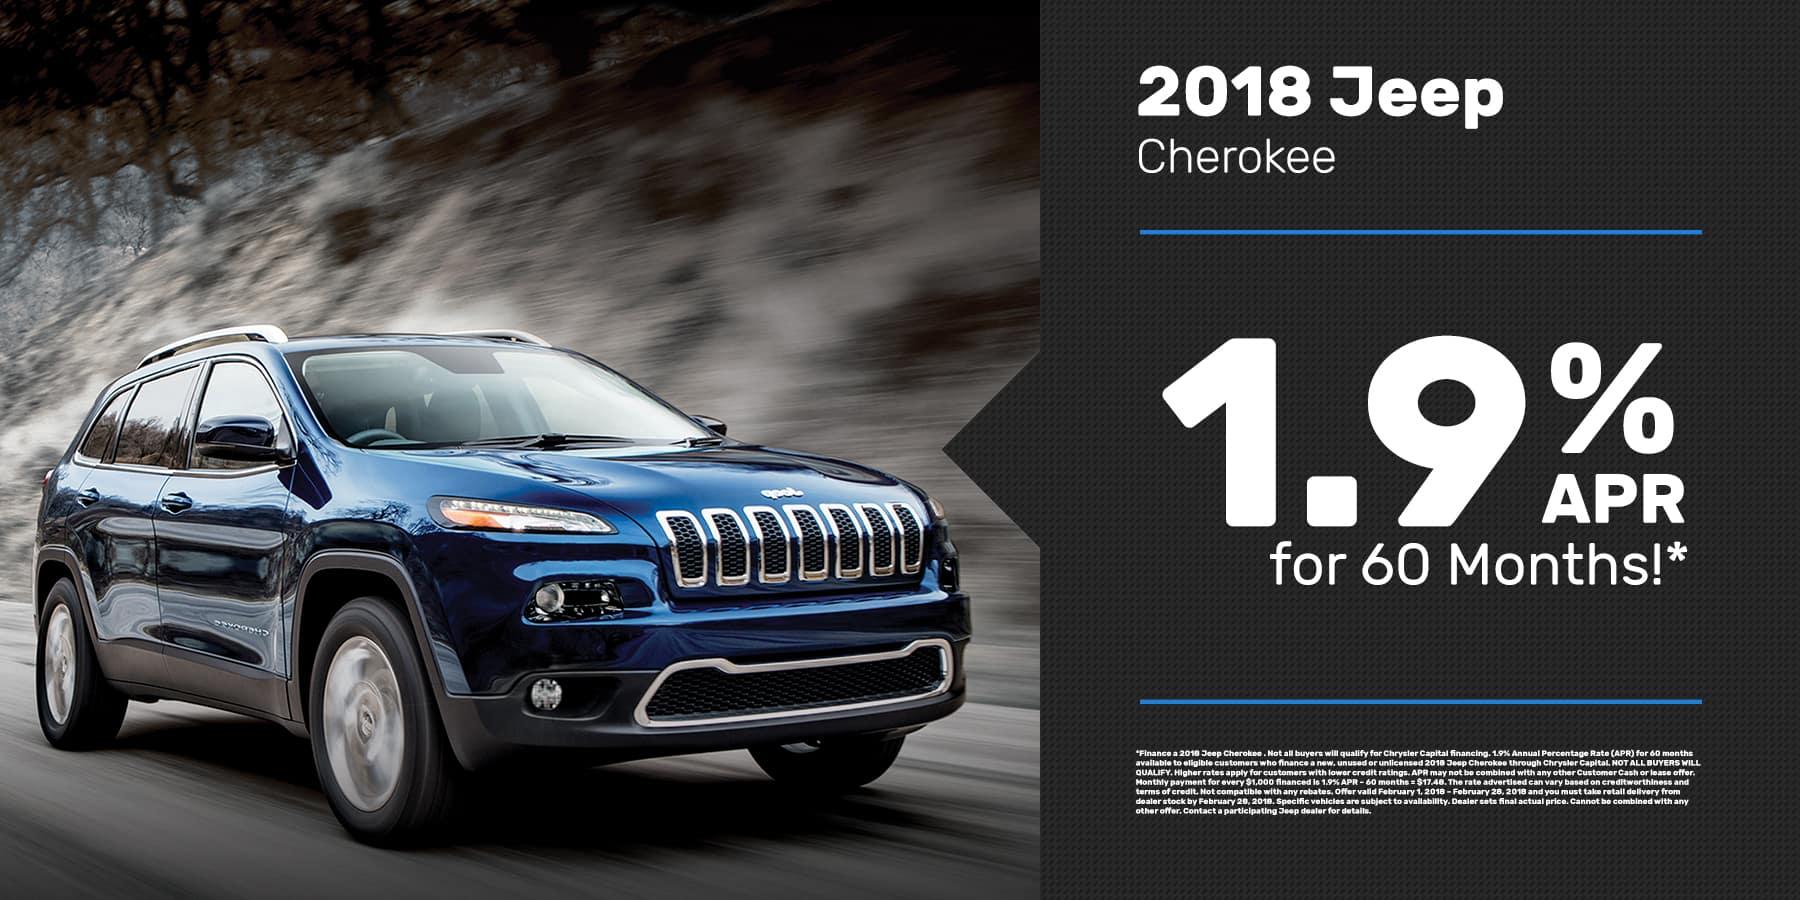 2018 Cherokee Offer